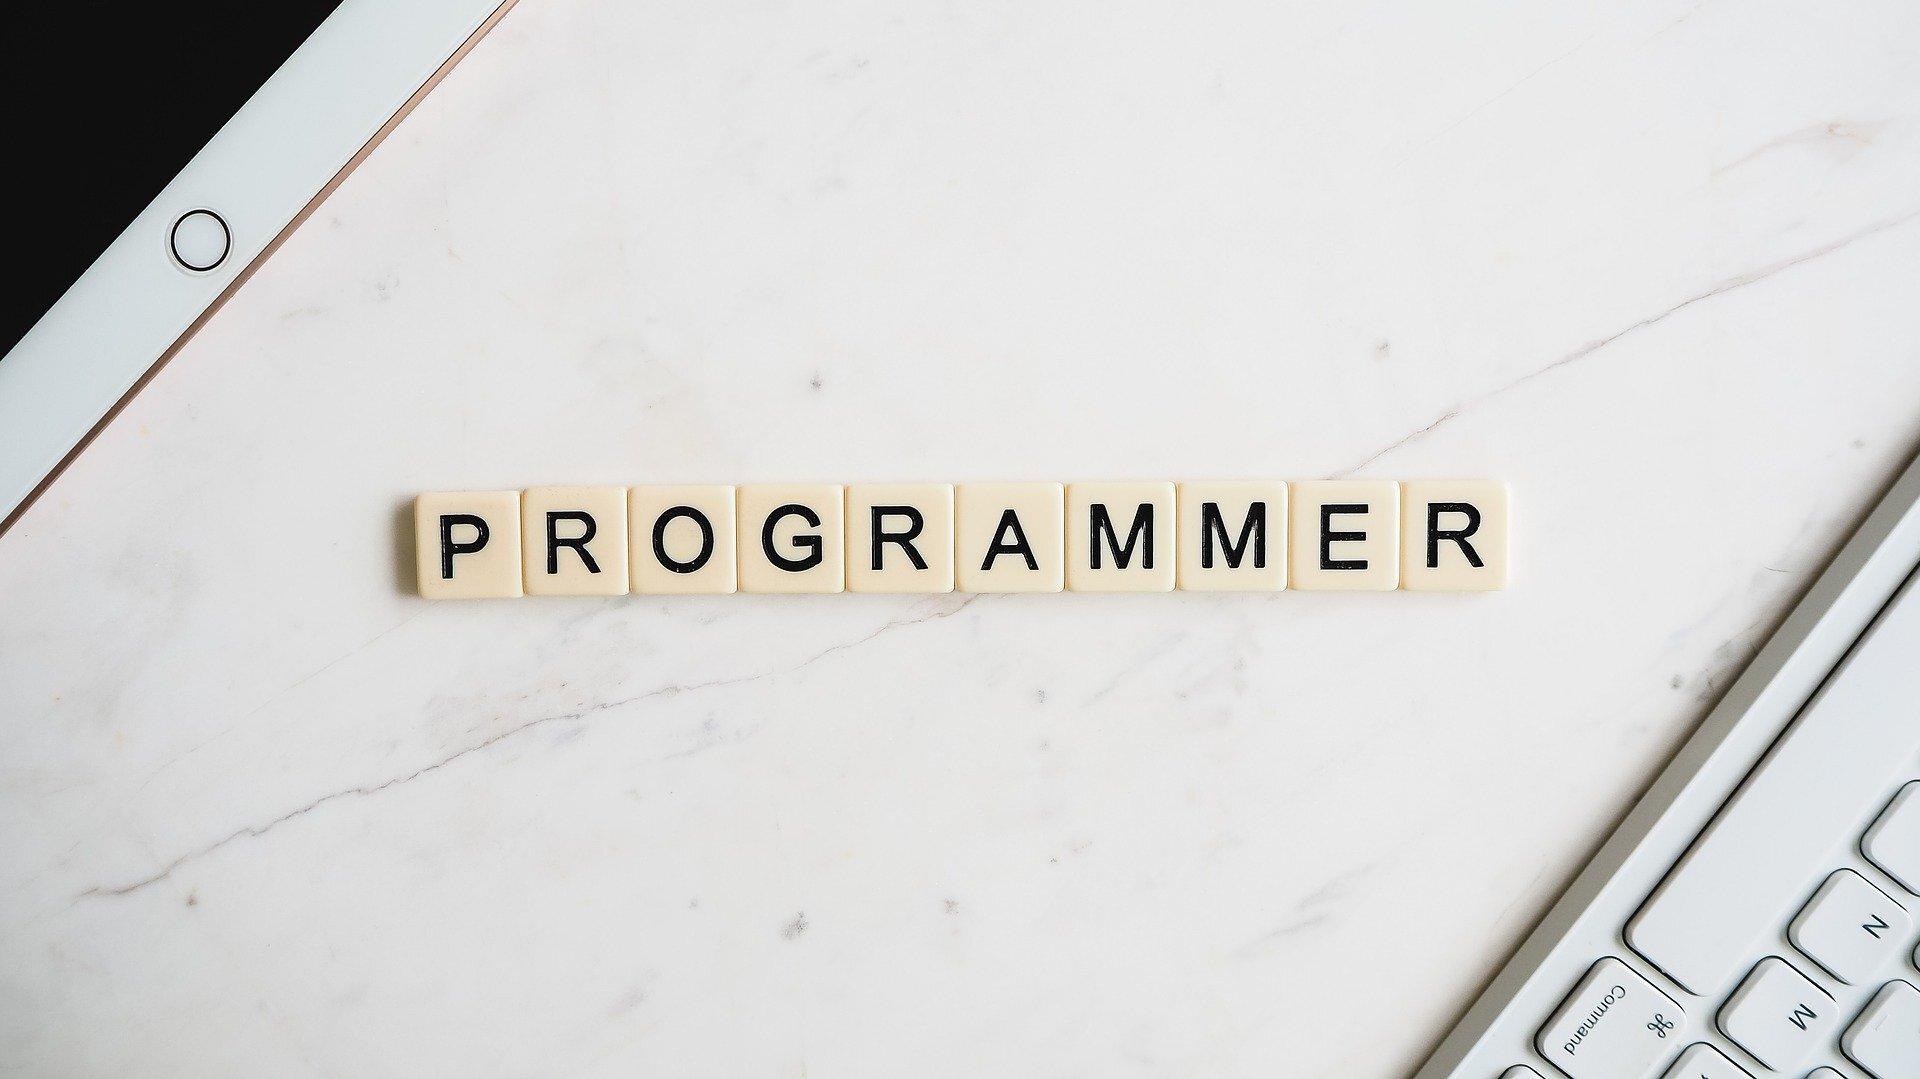 【Java】Java8からの現在や指定日時取得 9クラスの基本と使い方を解説